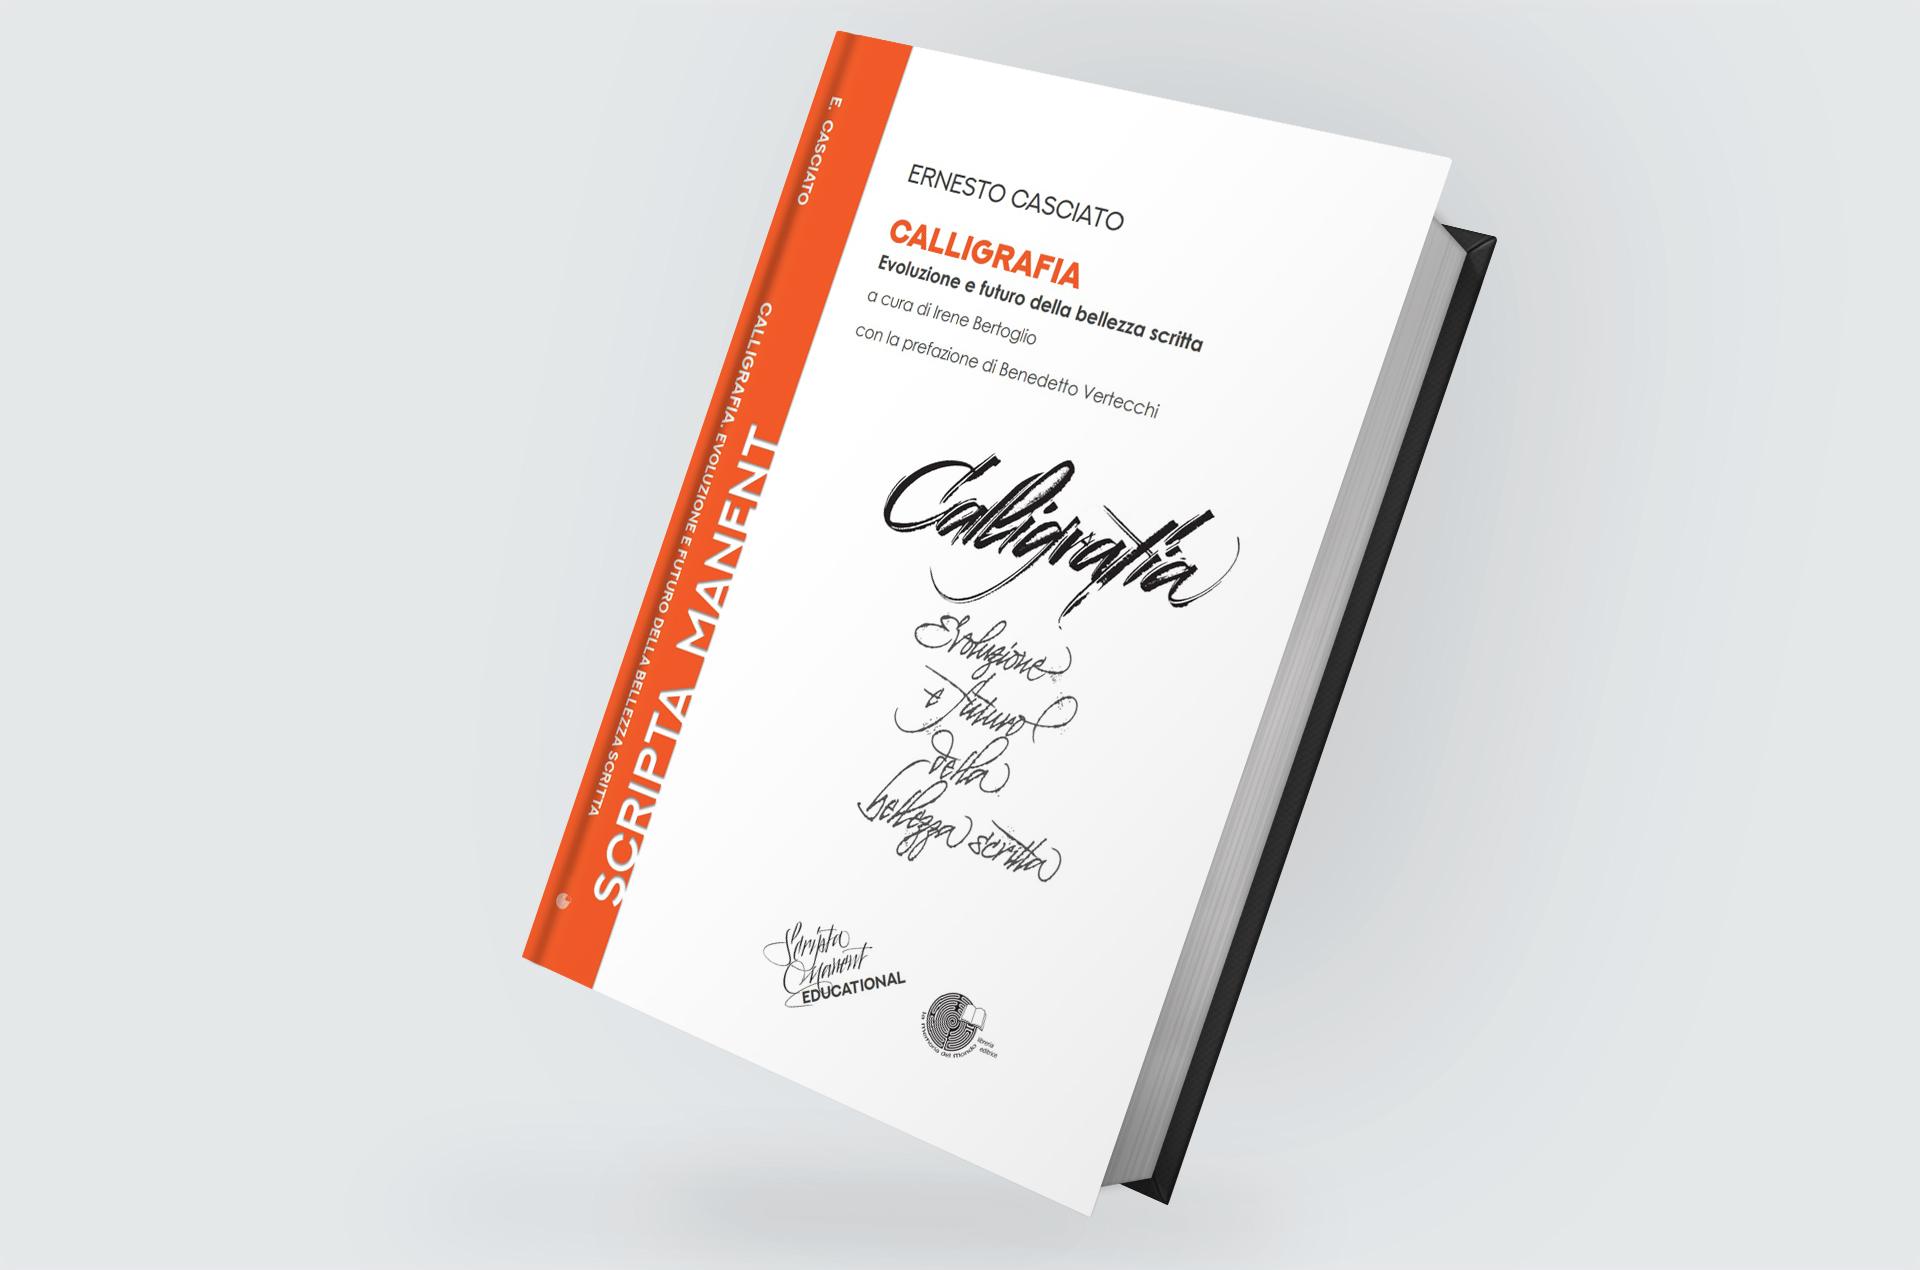 """Presentazione del libro di calligrafia """"Evoluzione e futuro della bellezza scritta"""" di Ernesto Casciato"""